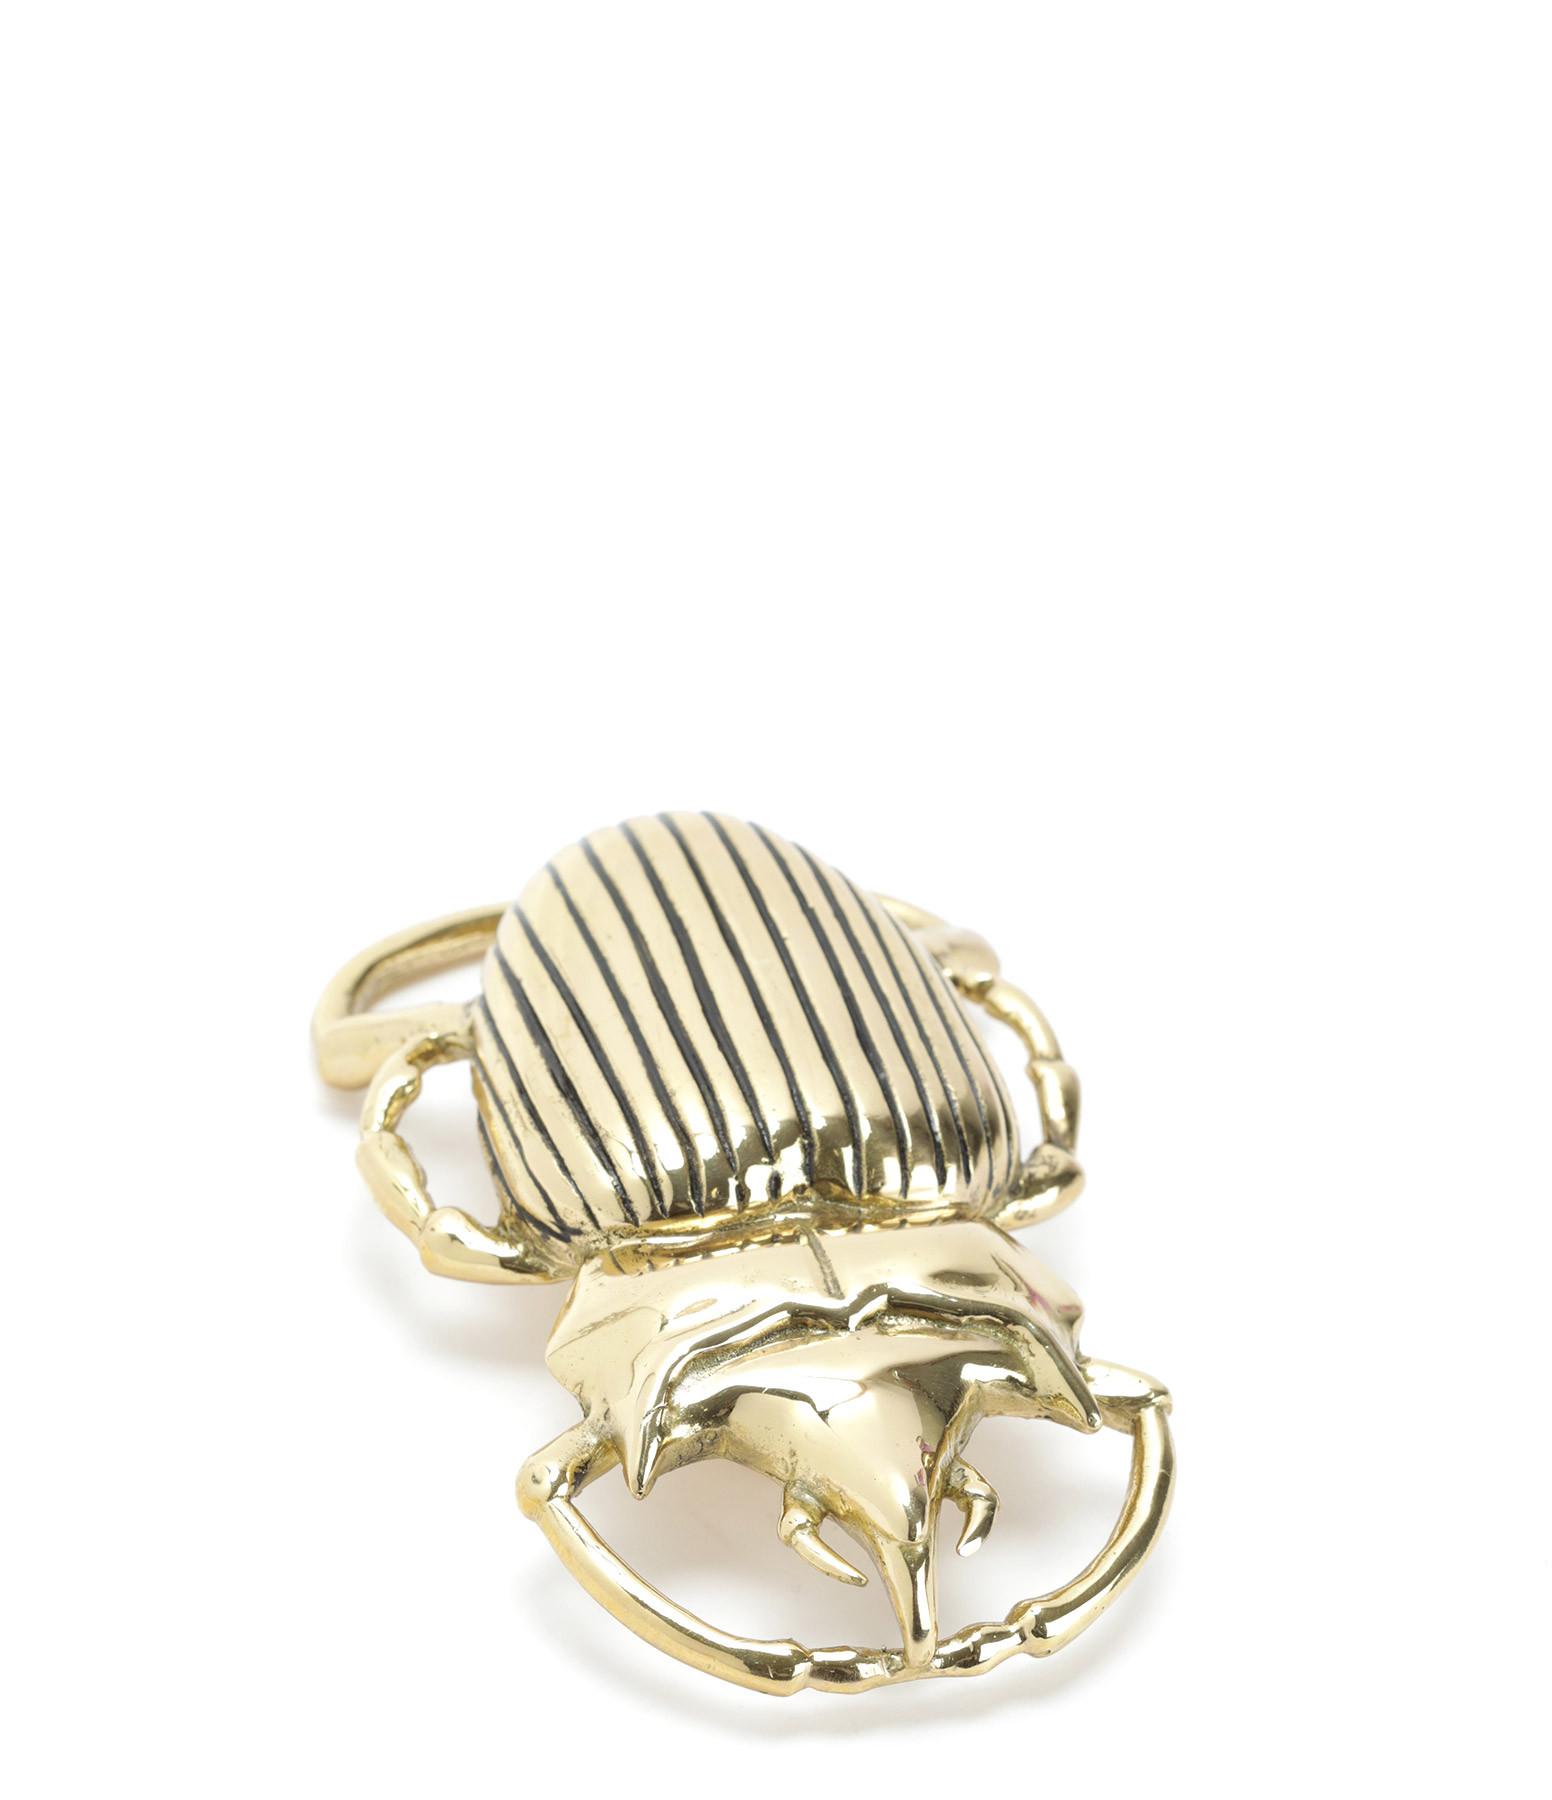 CLARIS VIROT - Boucle de Ceinture Beetle Scarabée Doré